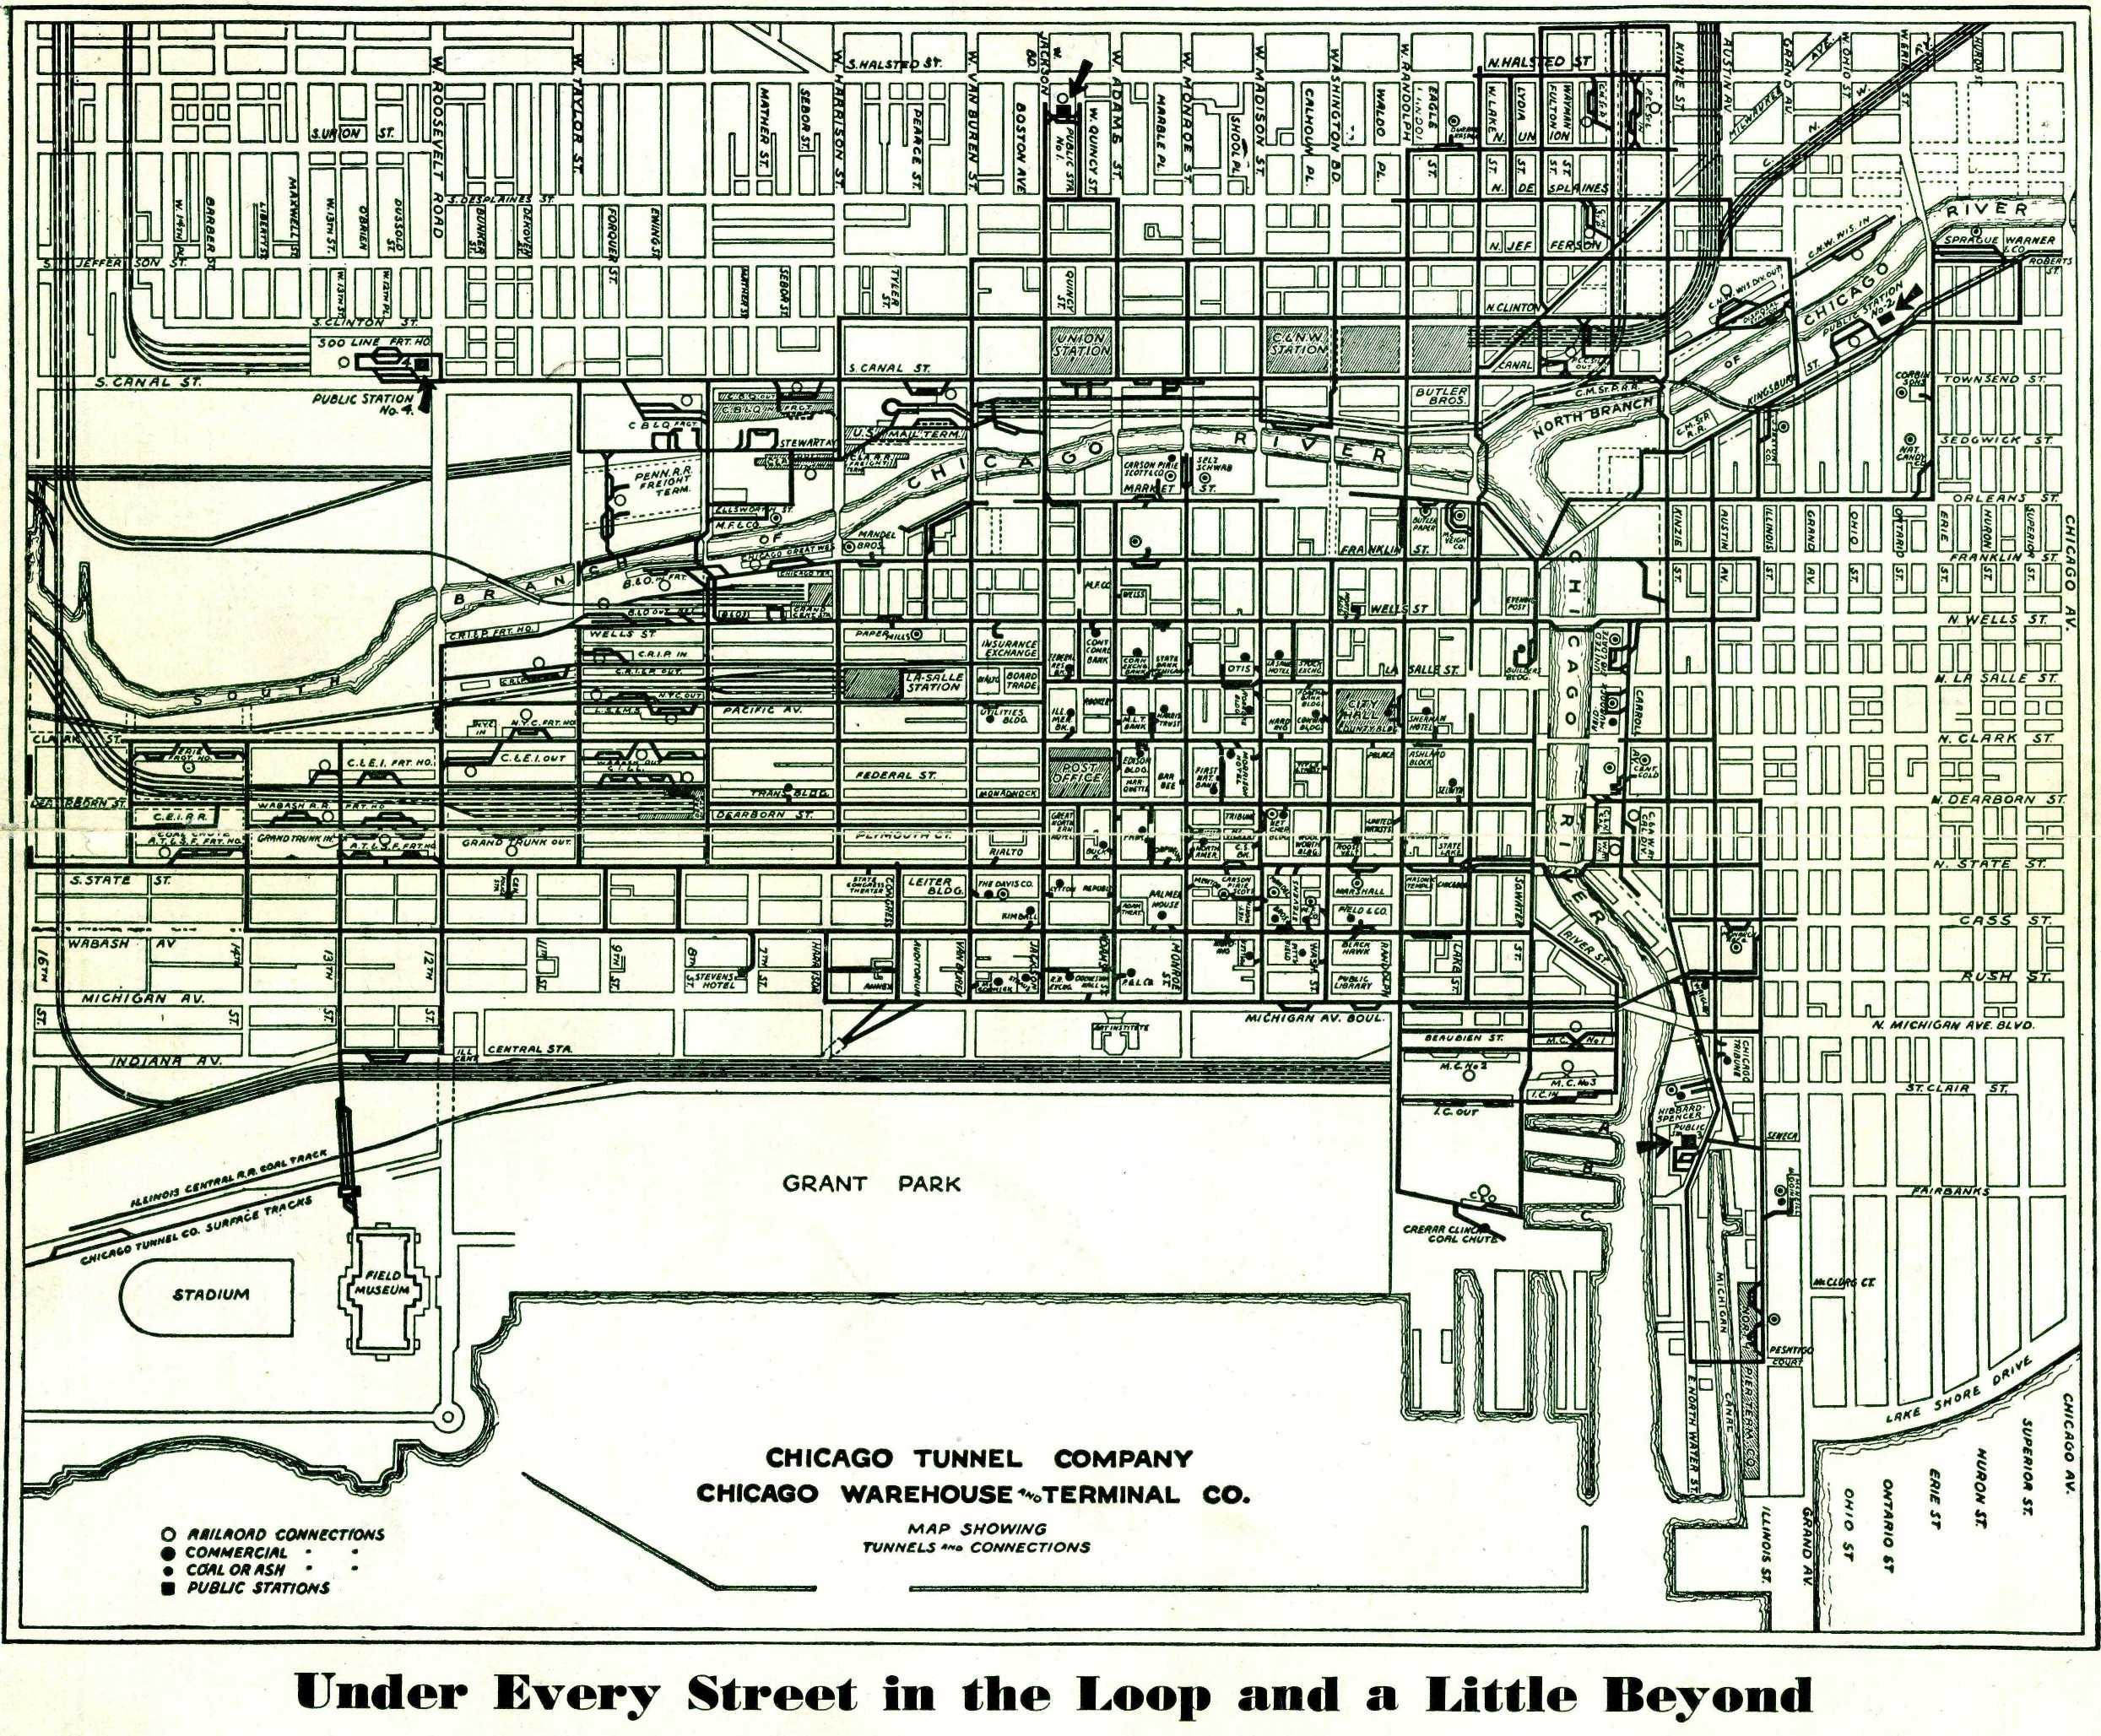 Chicago Tunnels Map Underground Chicago : CTA Subways, Freight Tunnels, Street Car